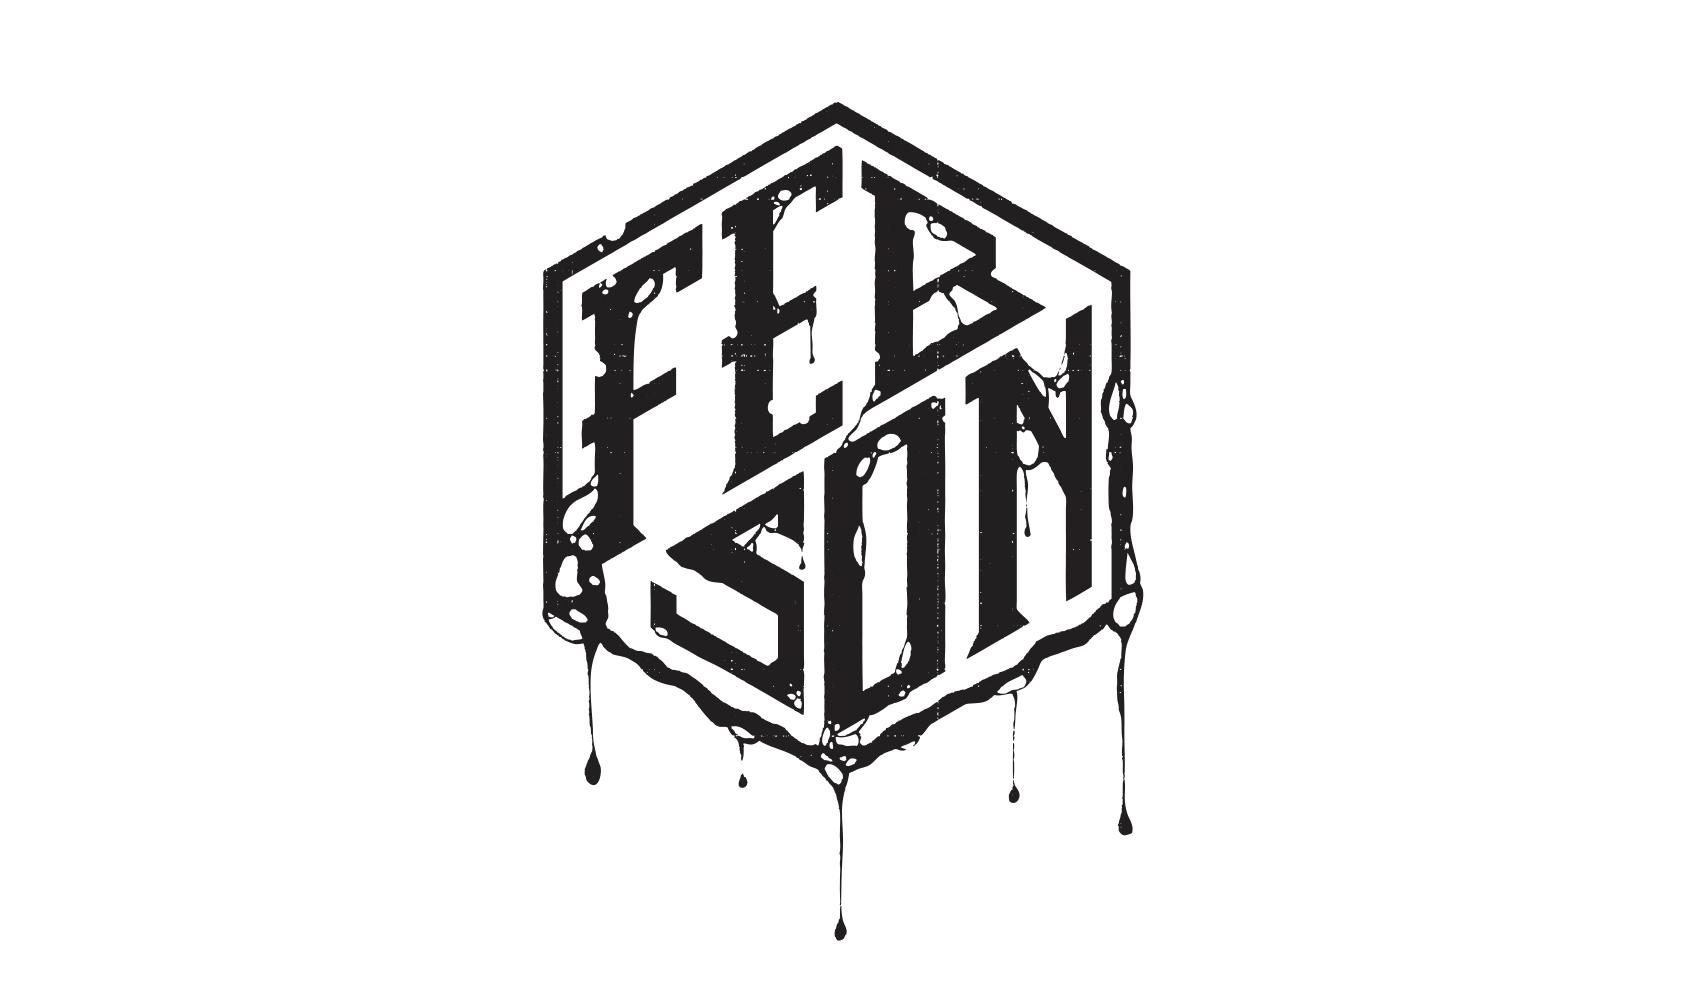 febson-seal